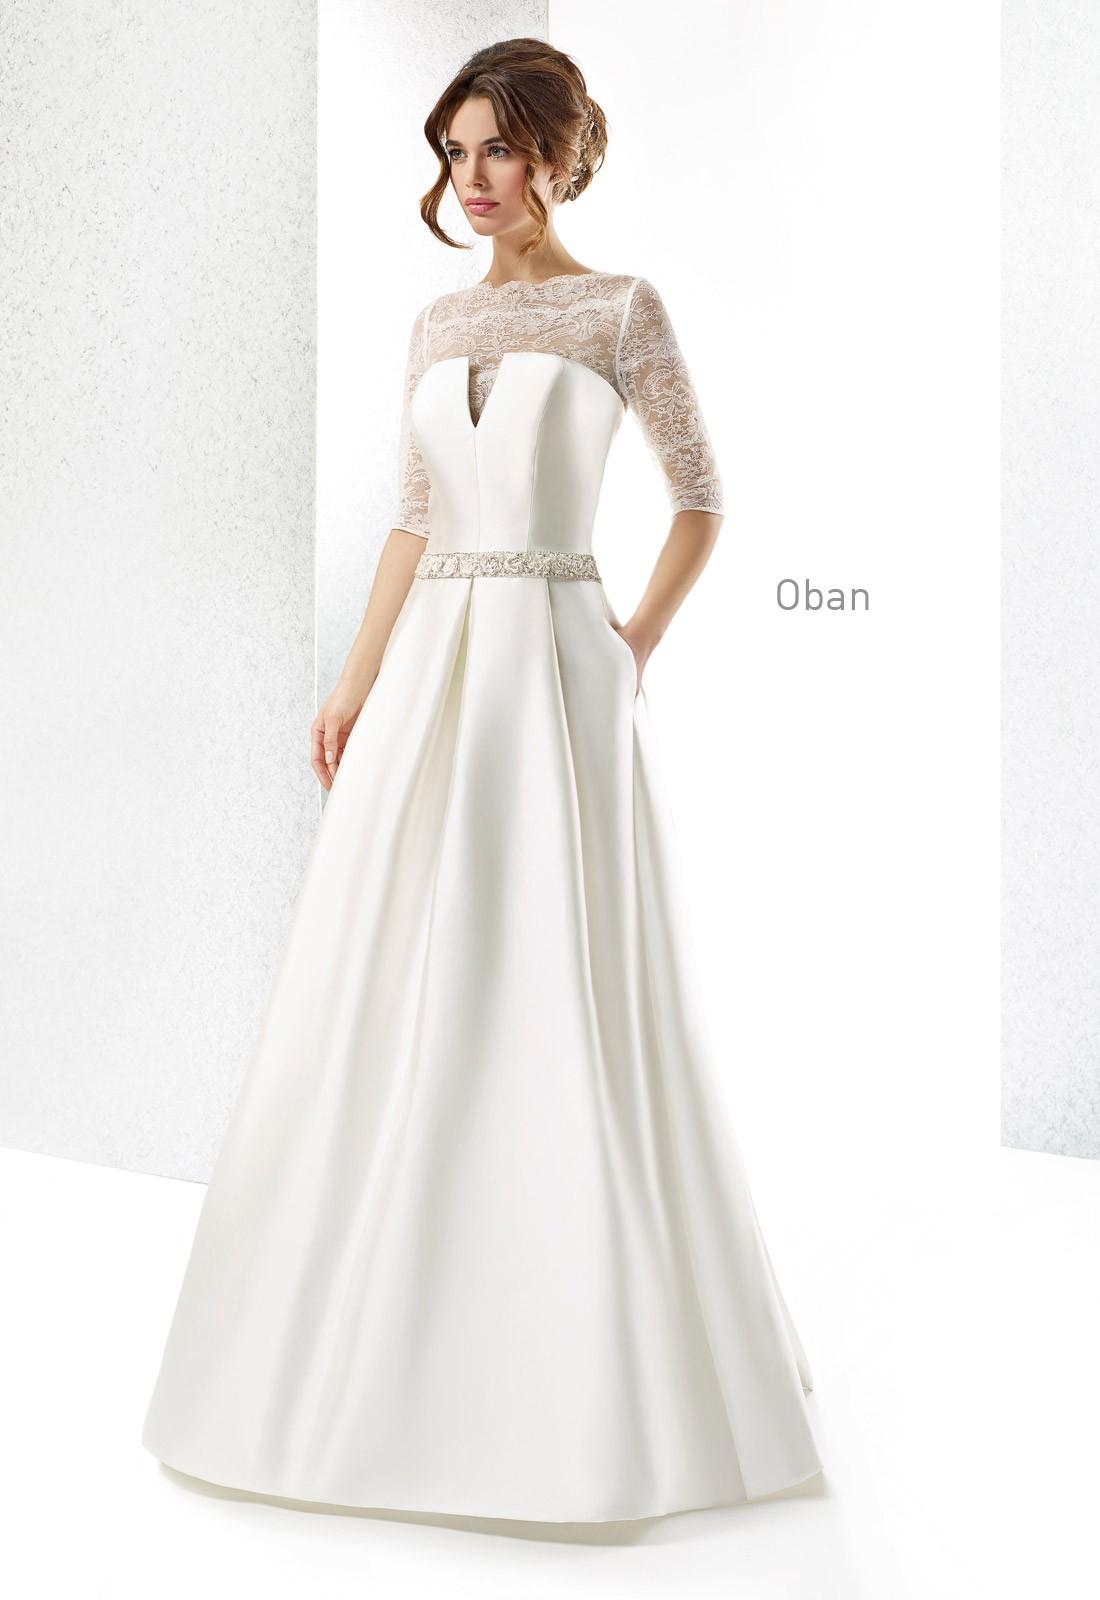 Vestido de Cabotine con escote original, raso y bolsillos | Tendencias en vestidos para novias 2015